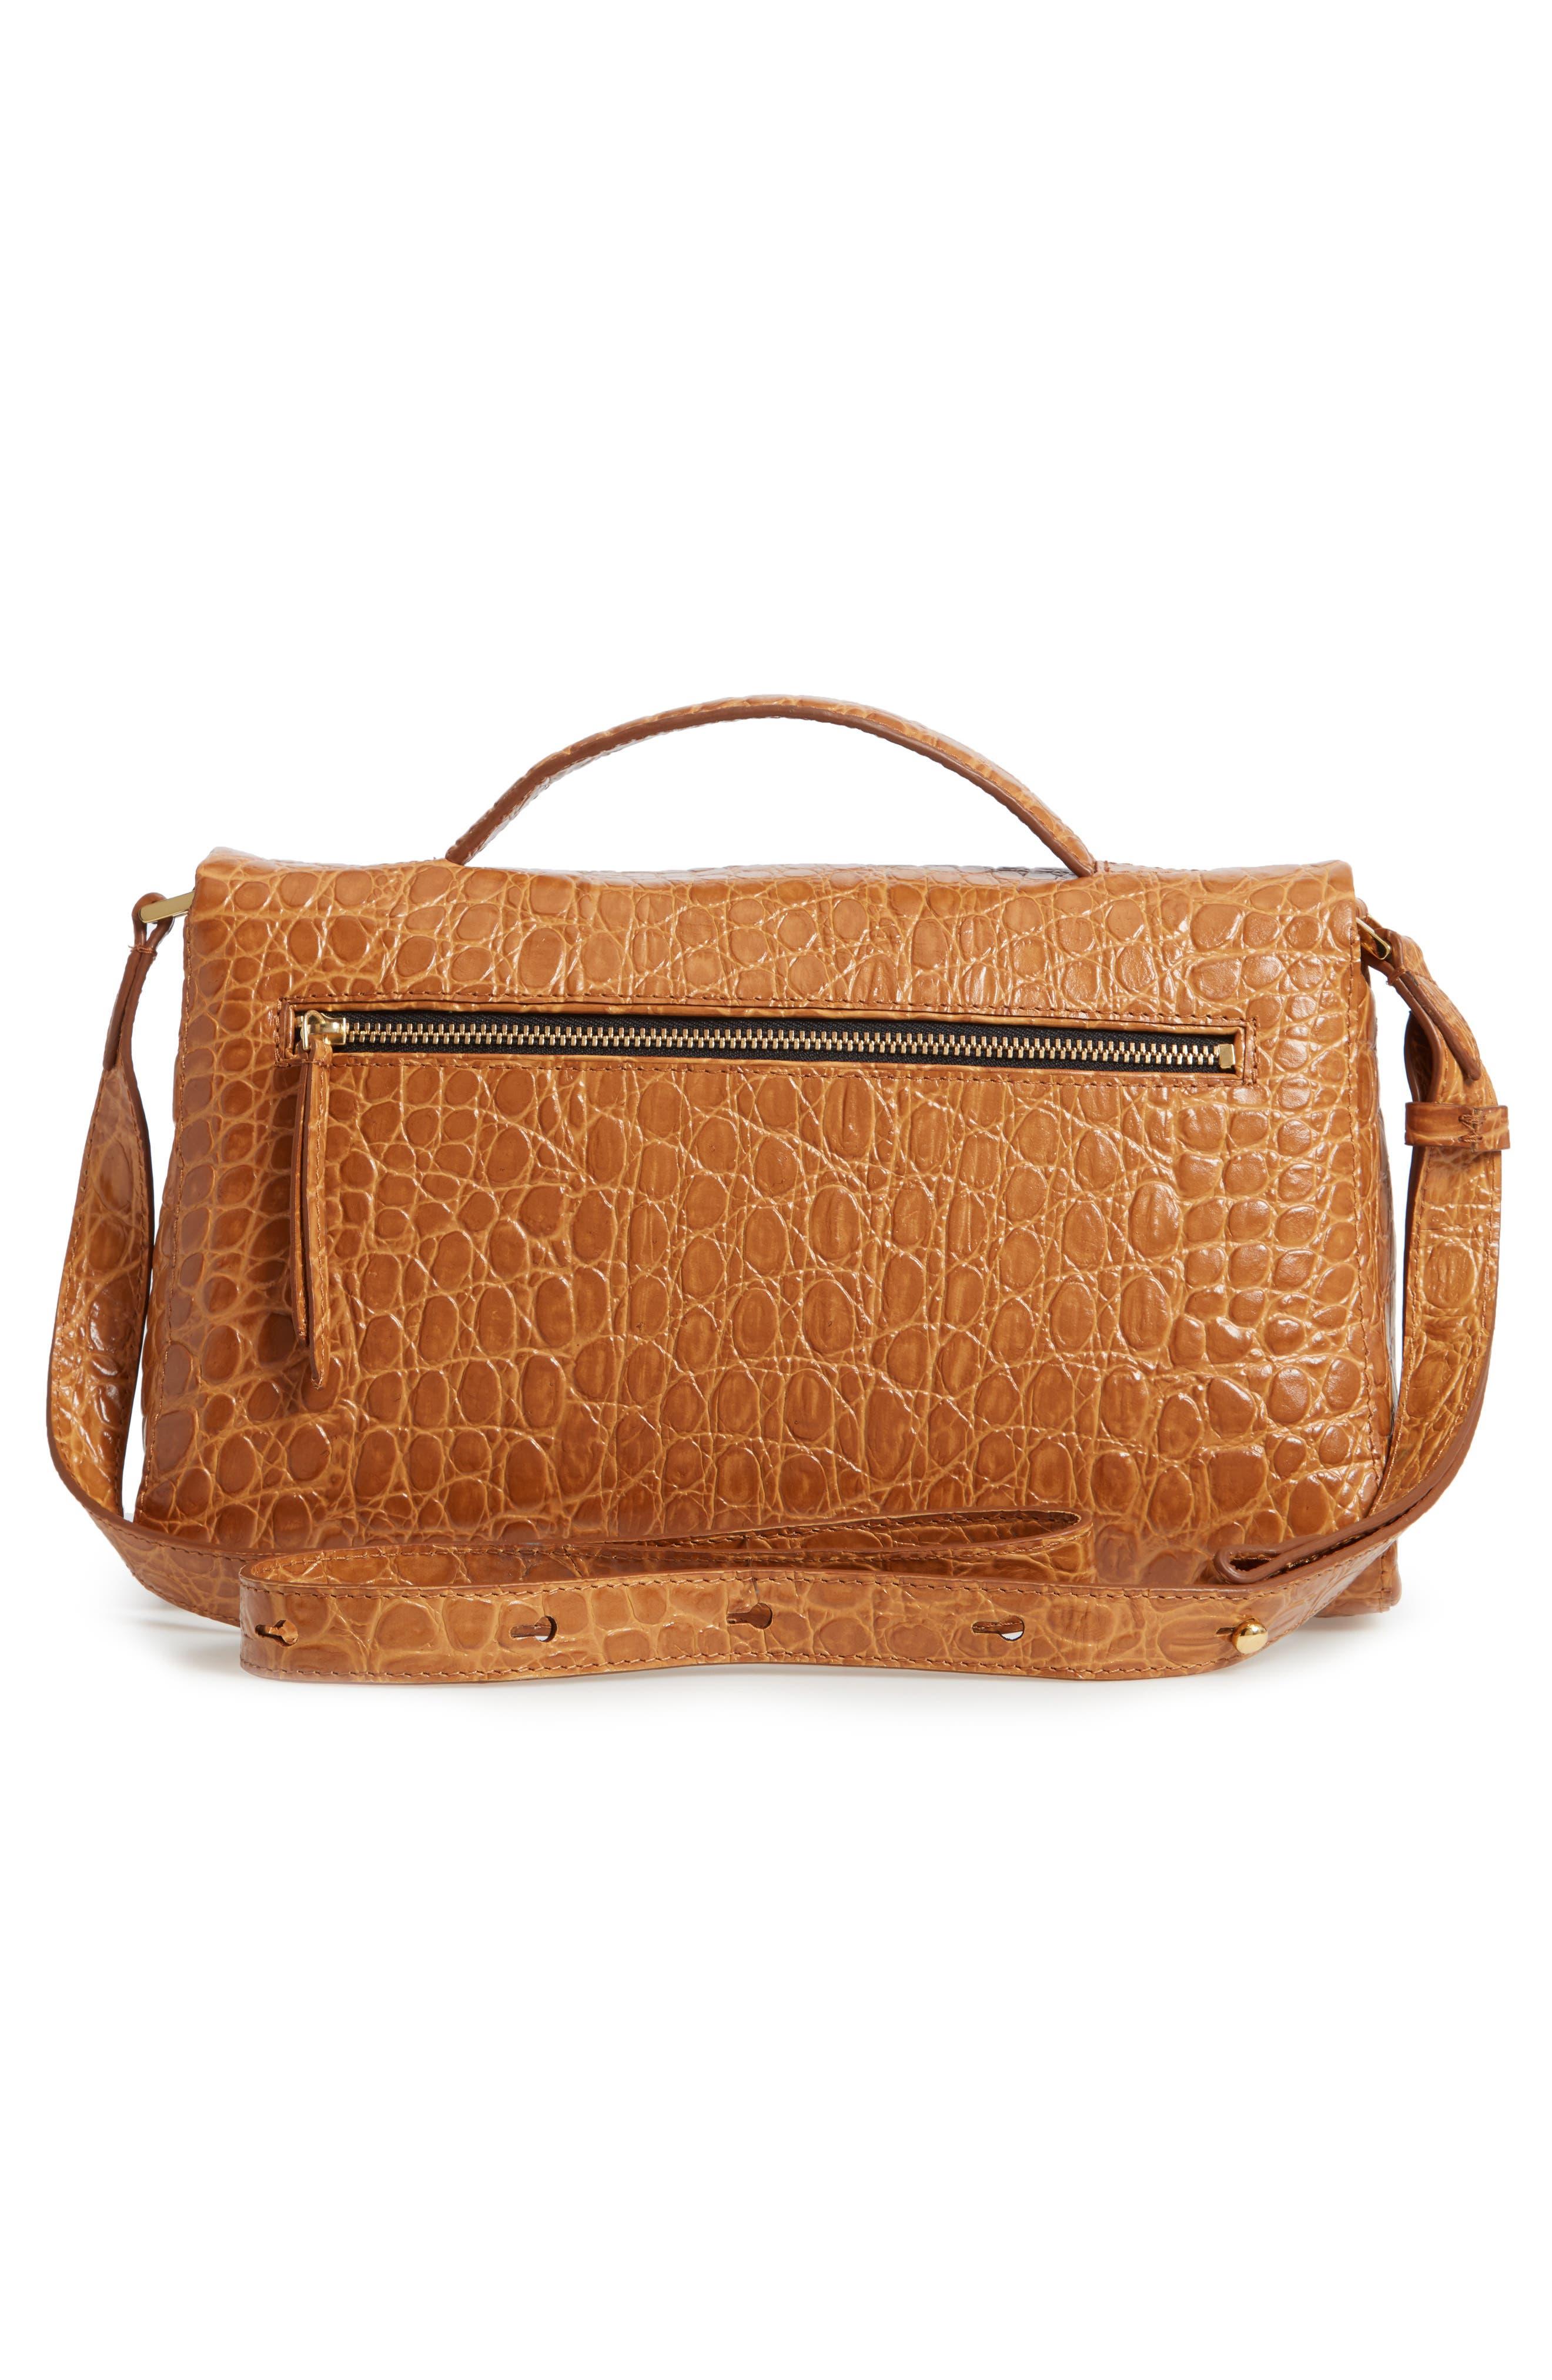 Croc Embossed Leather Shoulder Bag,                             Alternate thumbnail 3, color,                             GOLD